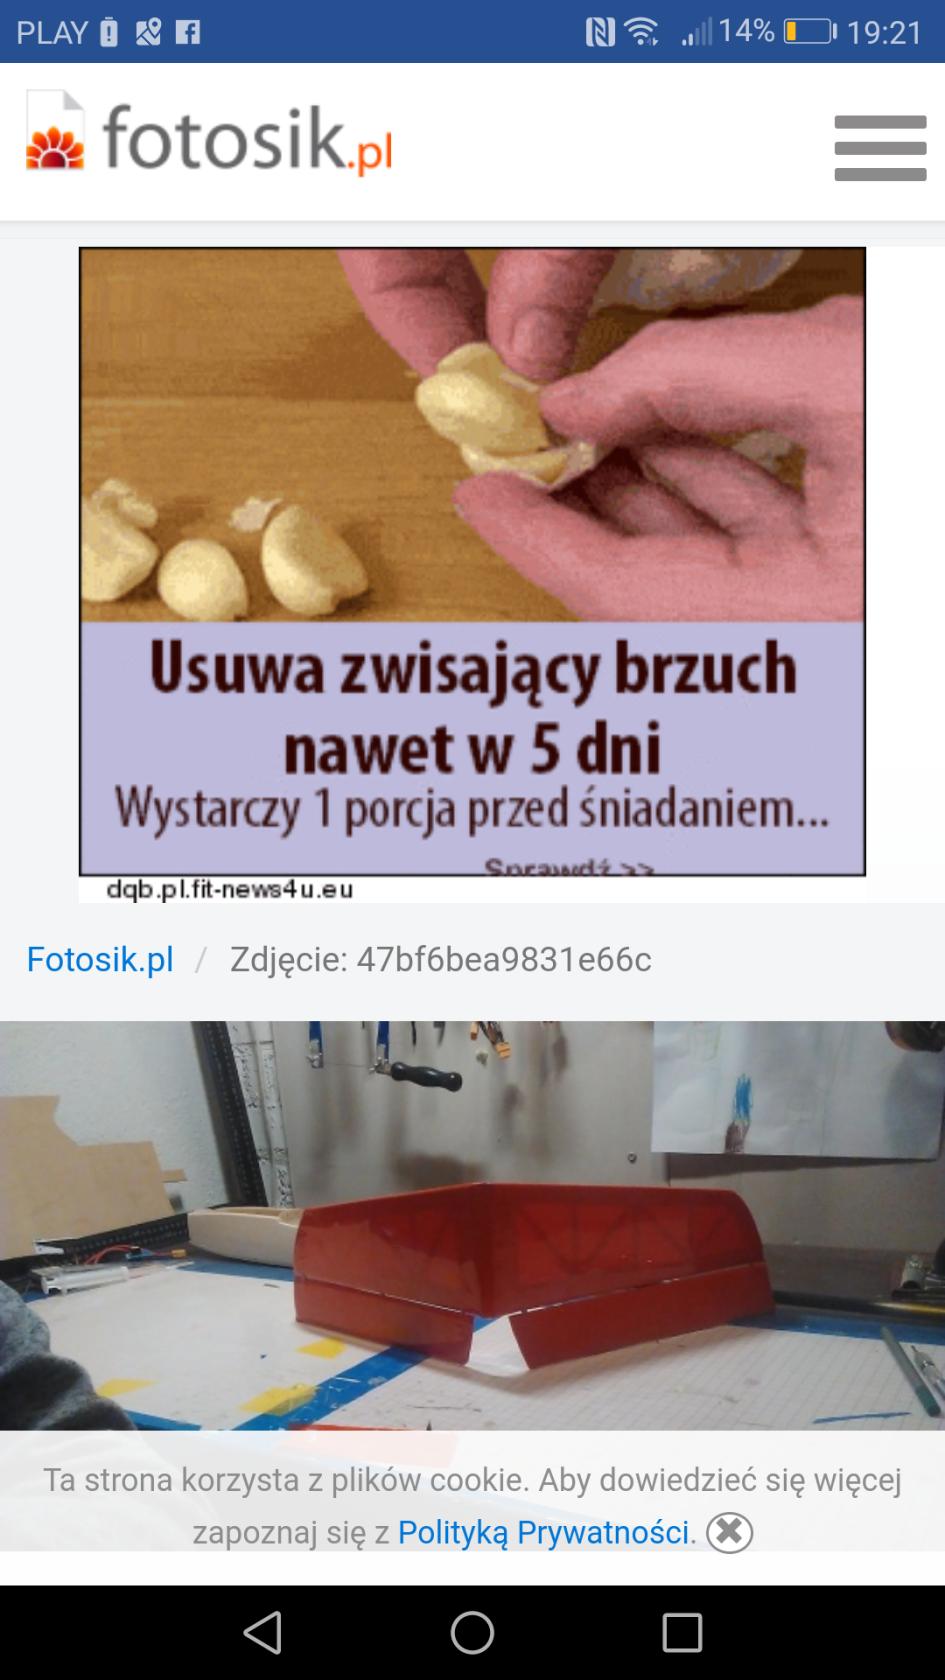 images83.fotosik.pl/927/73bf8a62464d85a0.png